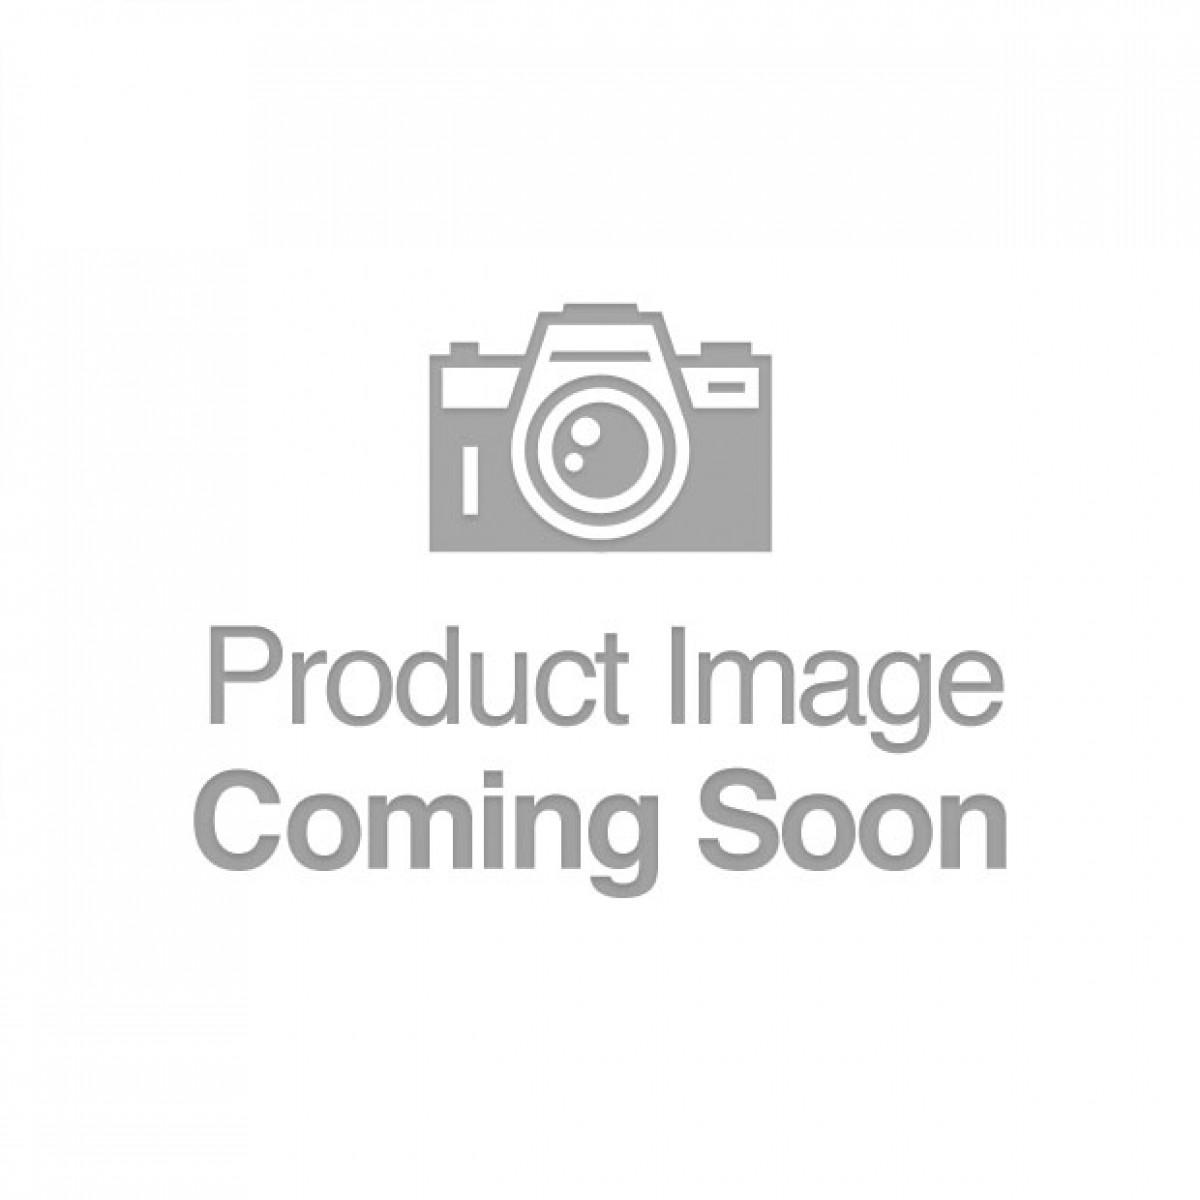 OhMiBod Lovelife Rev - Turquoise